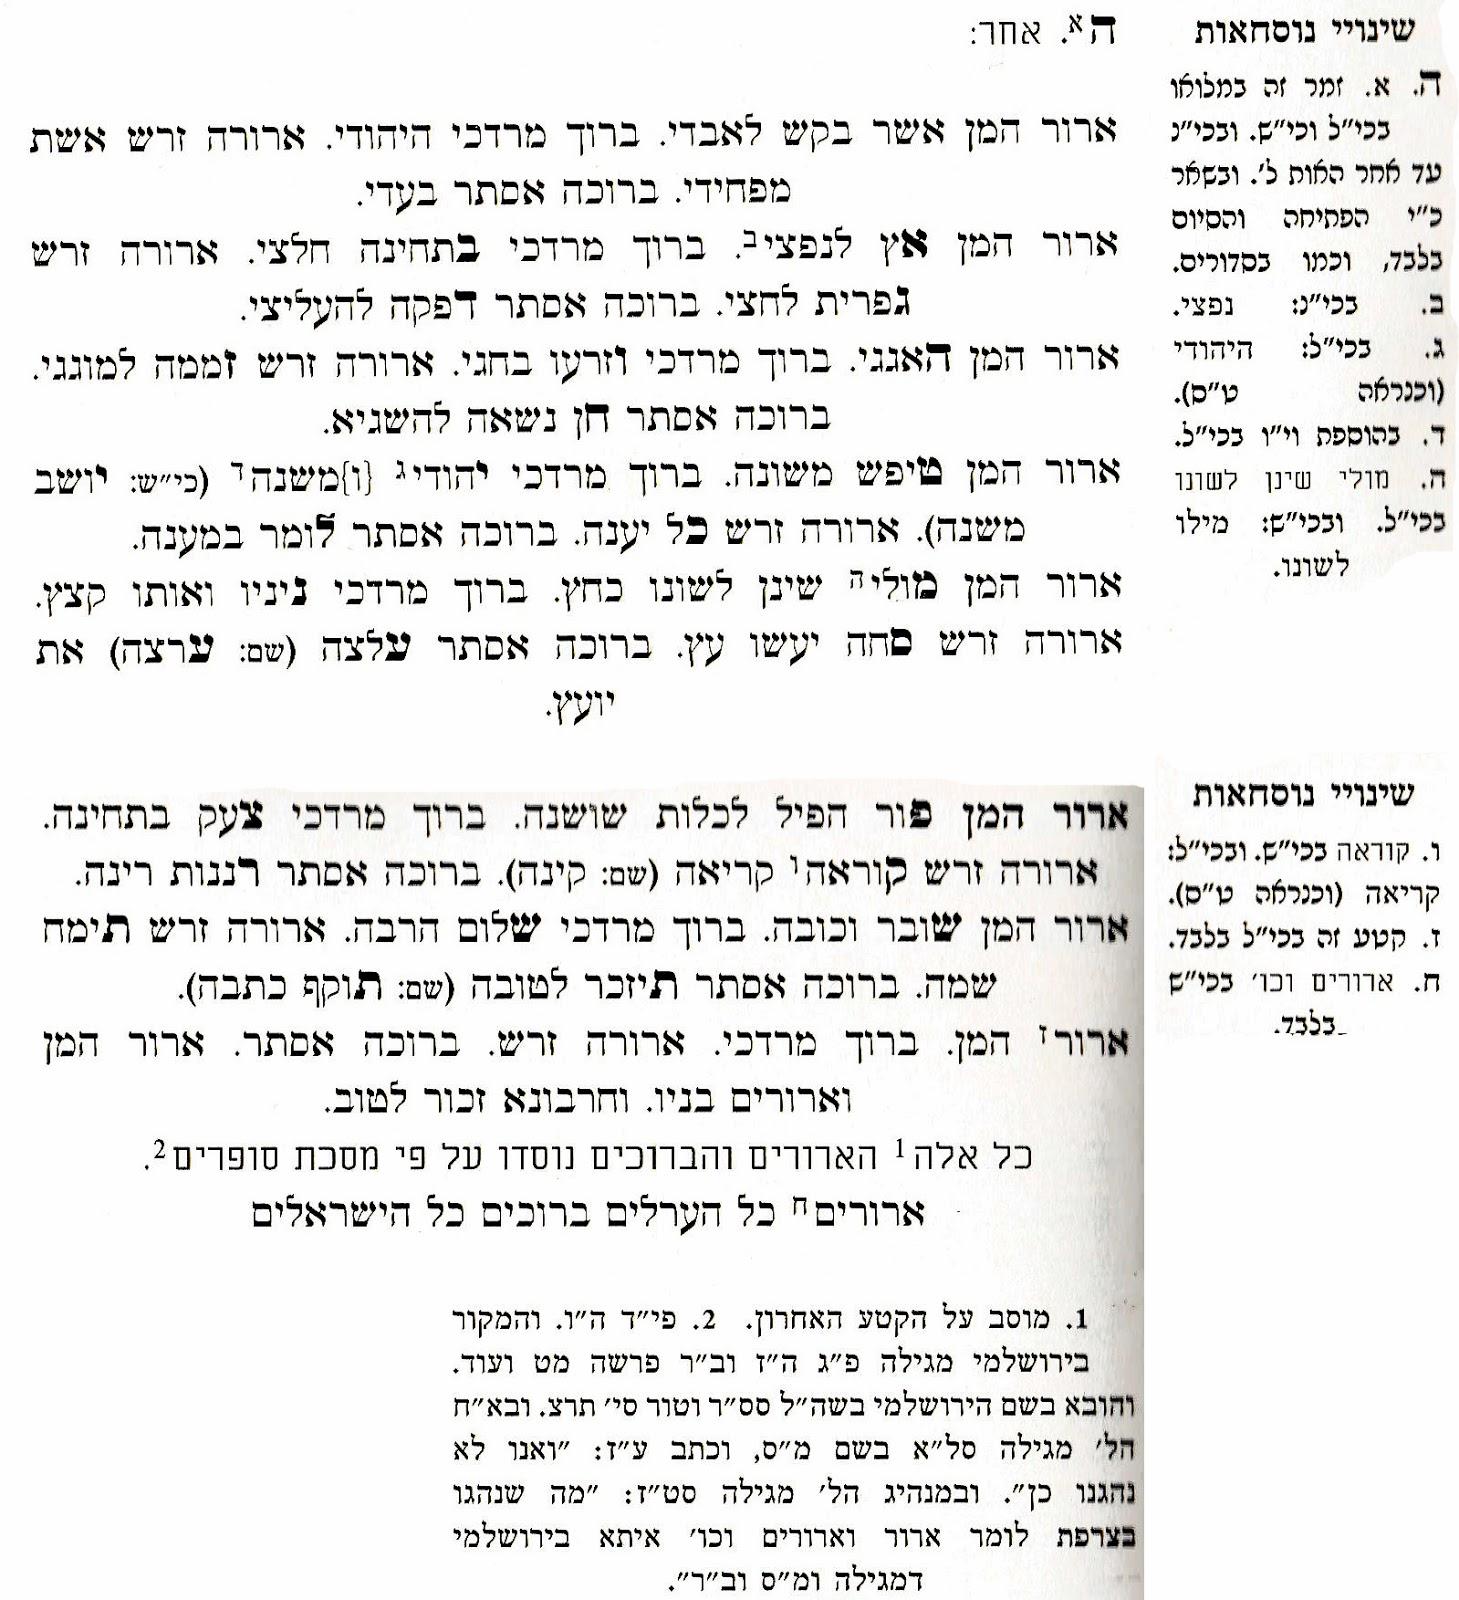 goldschmidt vol 2 p 358 359